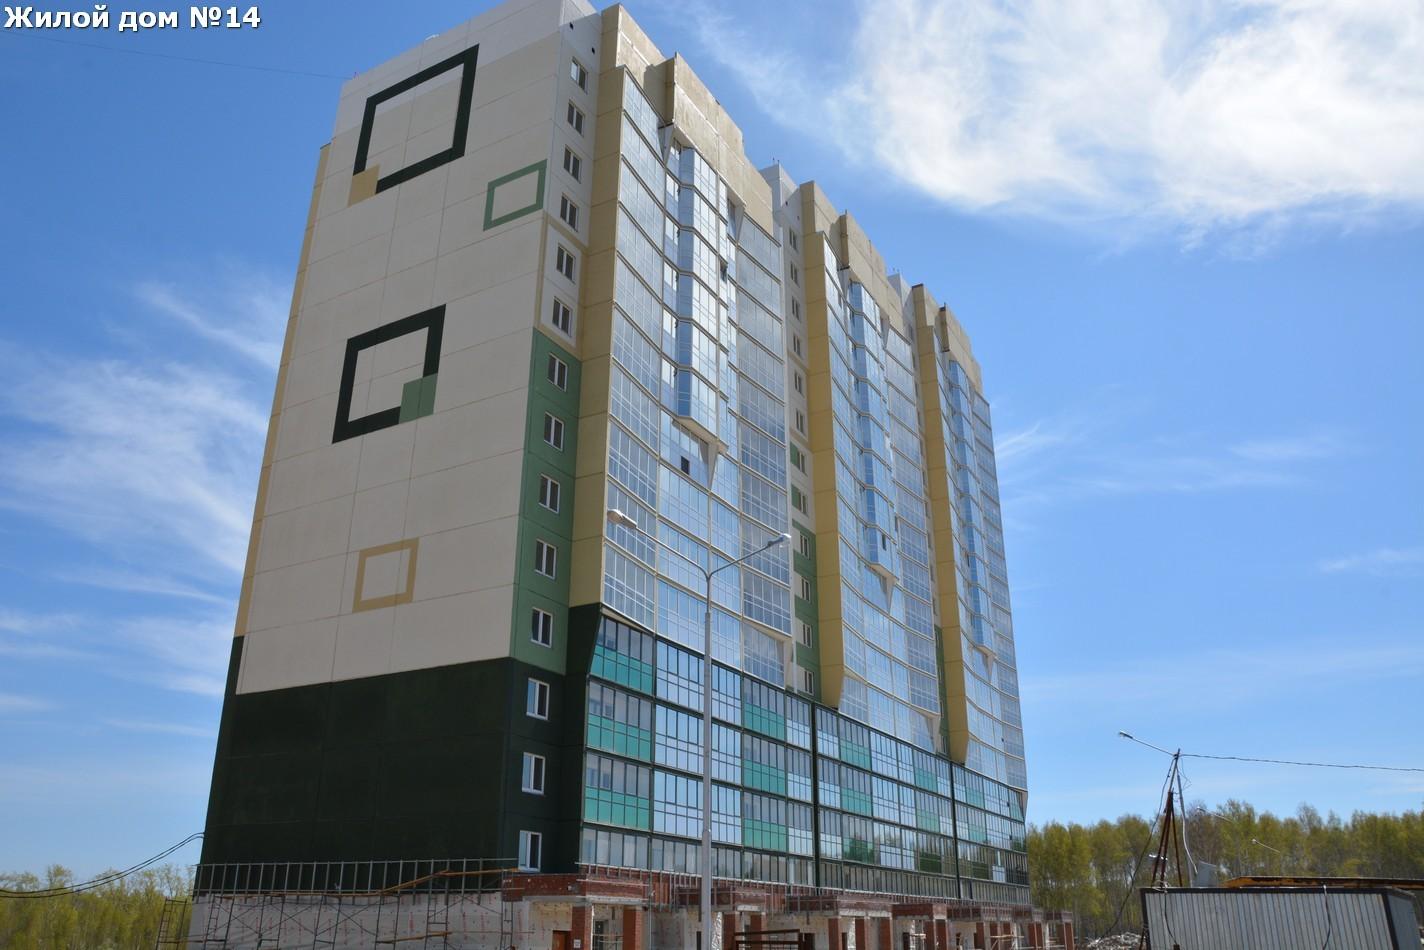 1-комнатная квартира: 46/40/0м2, этаж 17/18 - продам квартир.